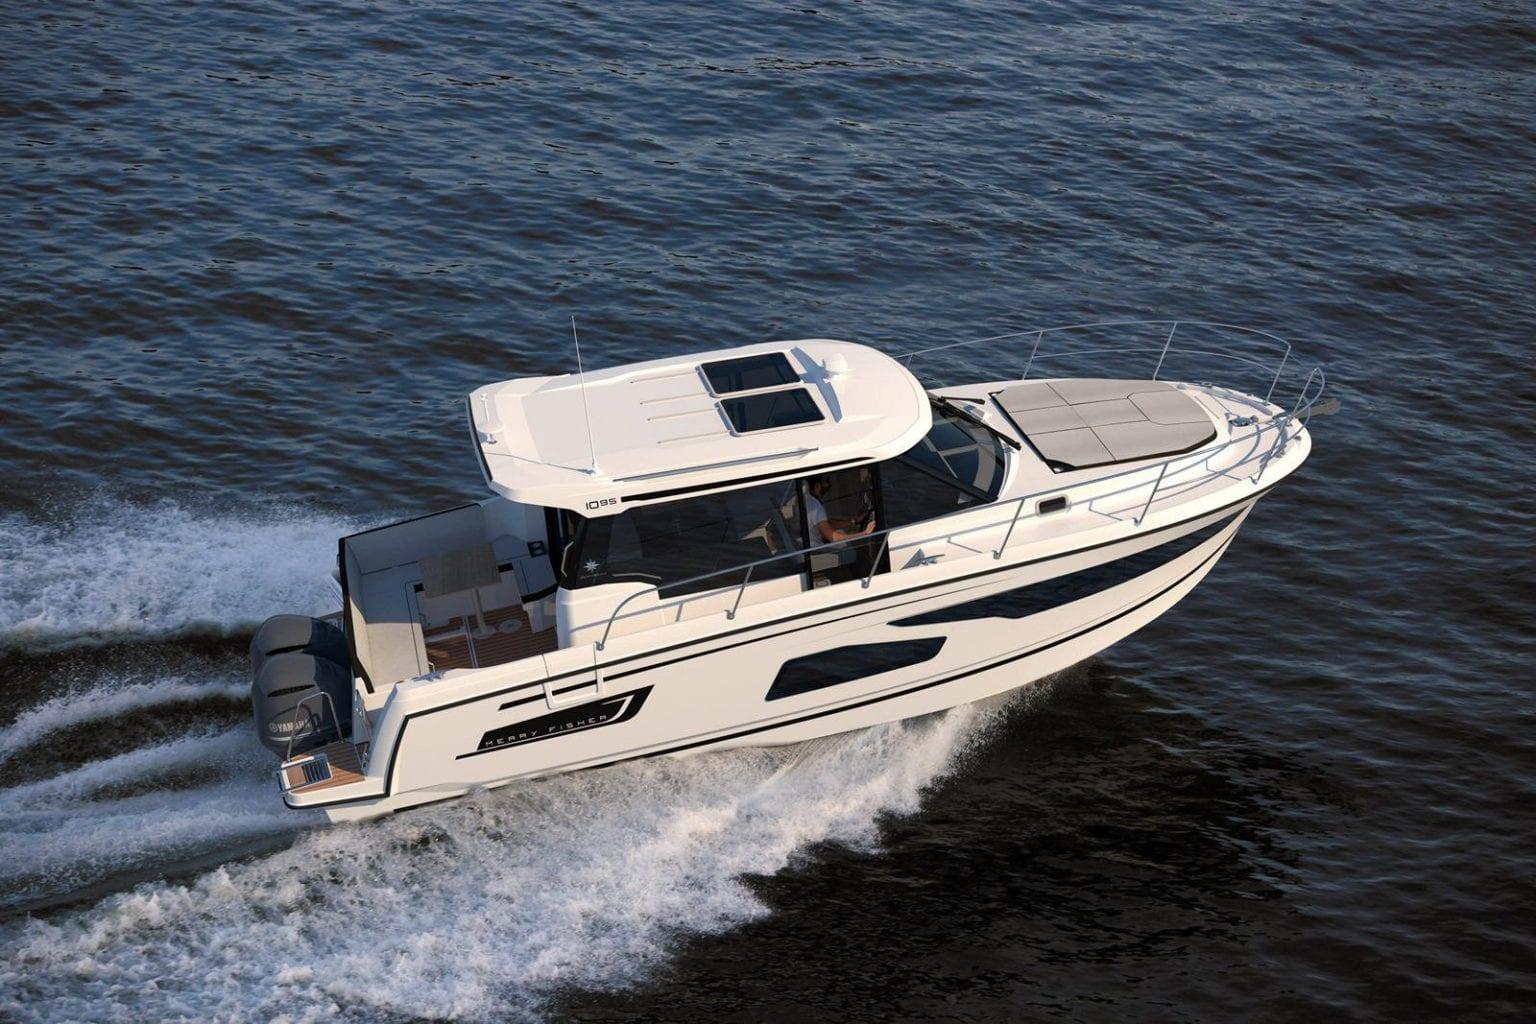 סירת מנוע JEANNEAU MERRY FISHER 1095 - סירת מנוע JEANNEAU MERRY FISHER 1095 - סטרים יאכטות